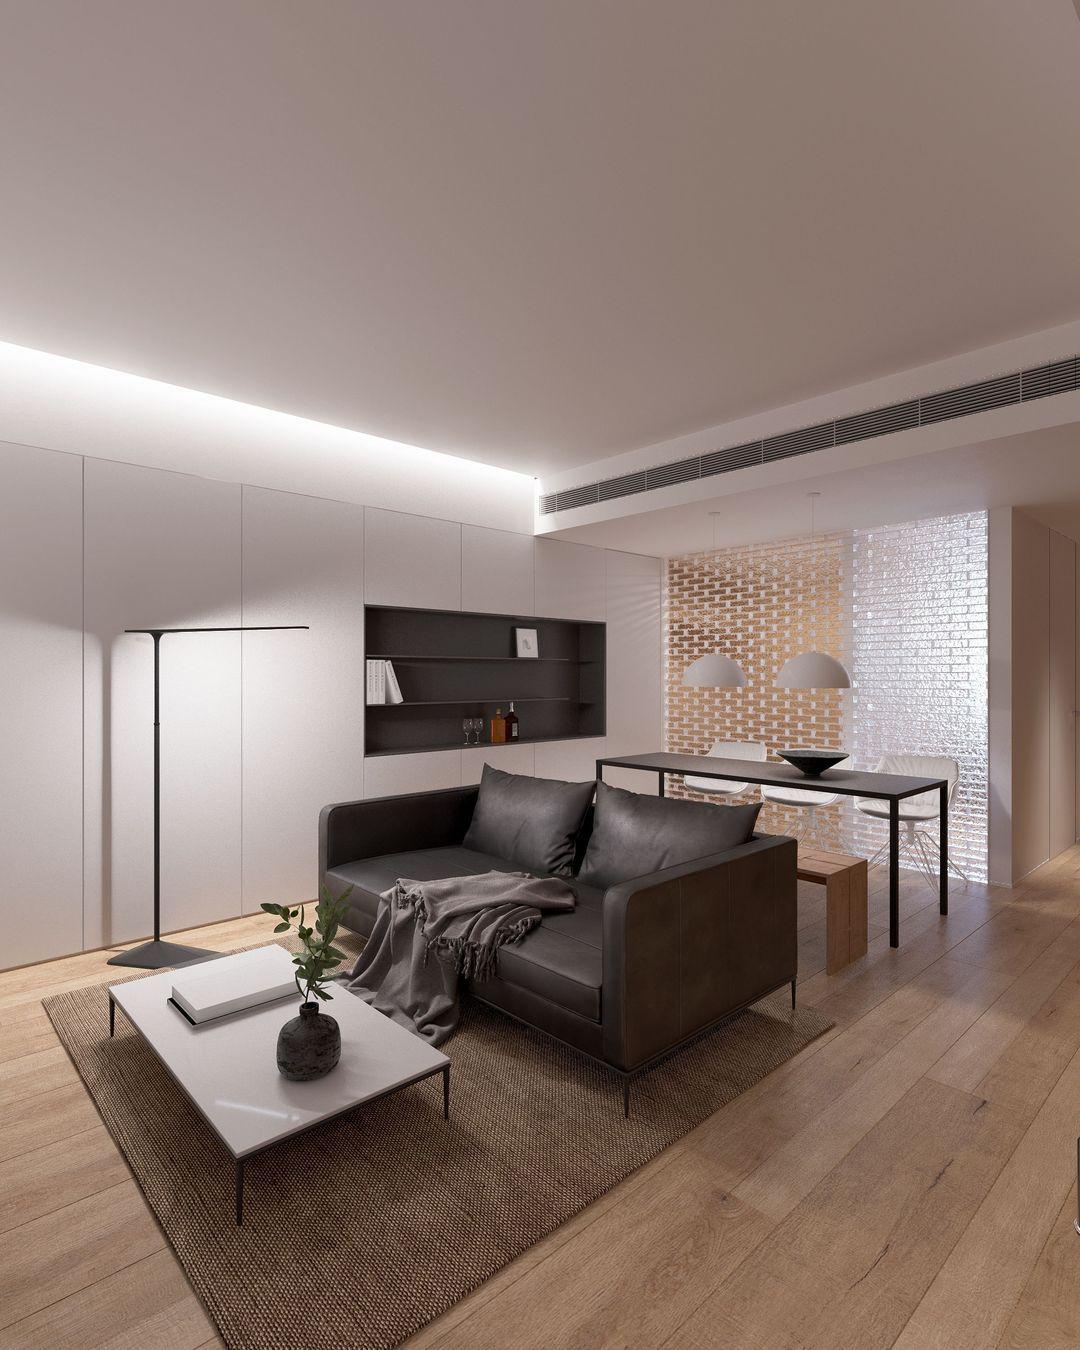 82㎡现代简约风格住宅丨汪诗伦设计